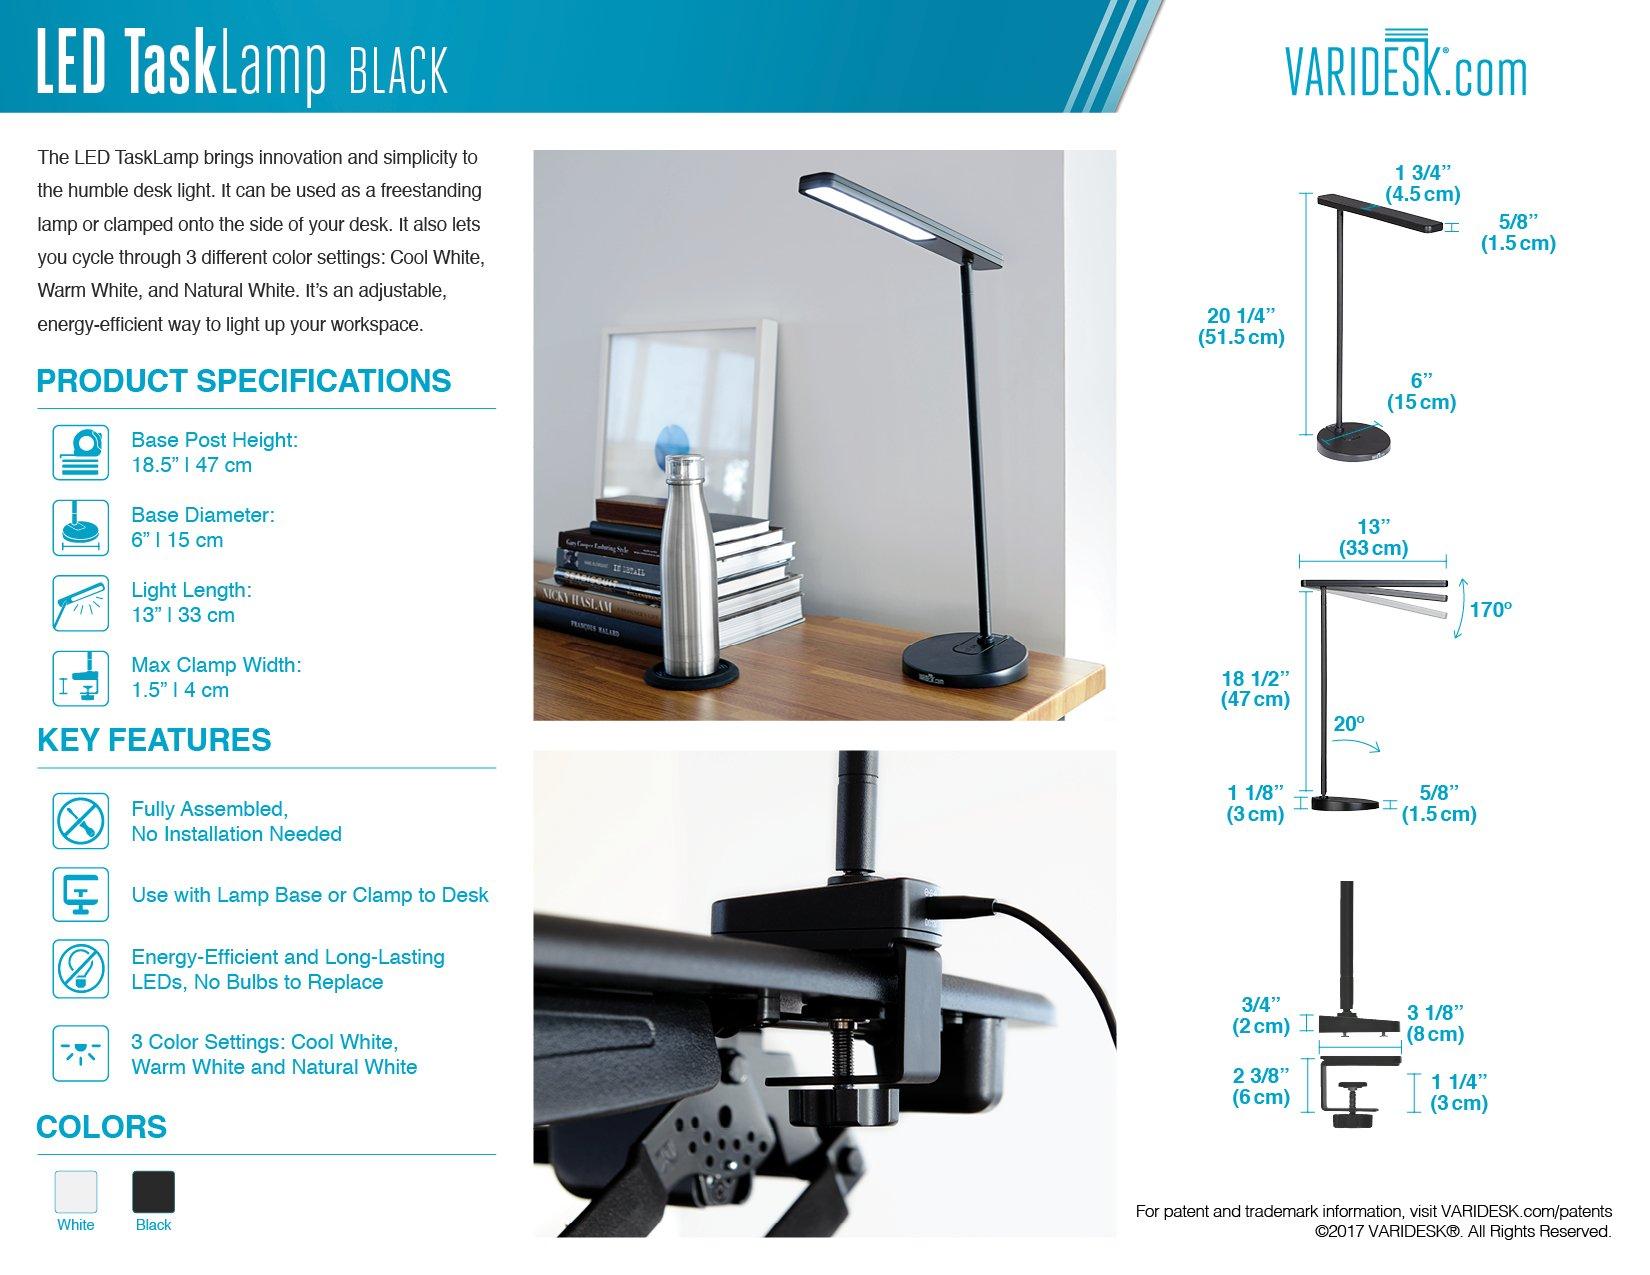 VARIDESK - LED Desk TaskLamp